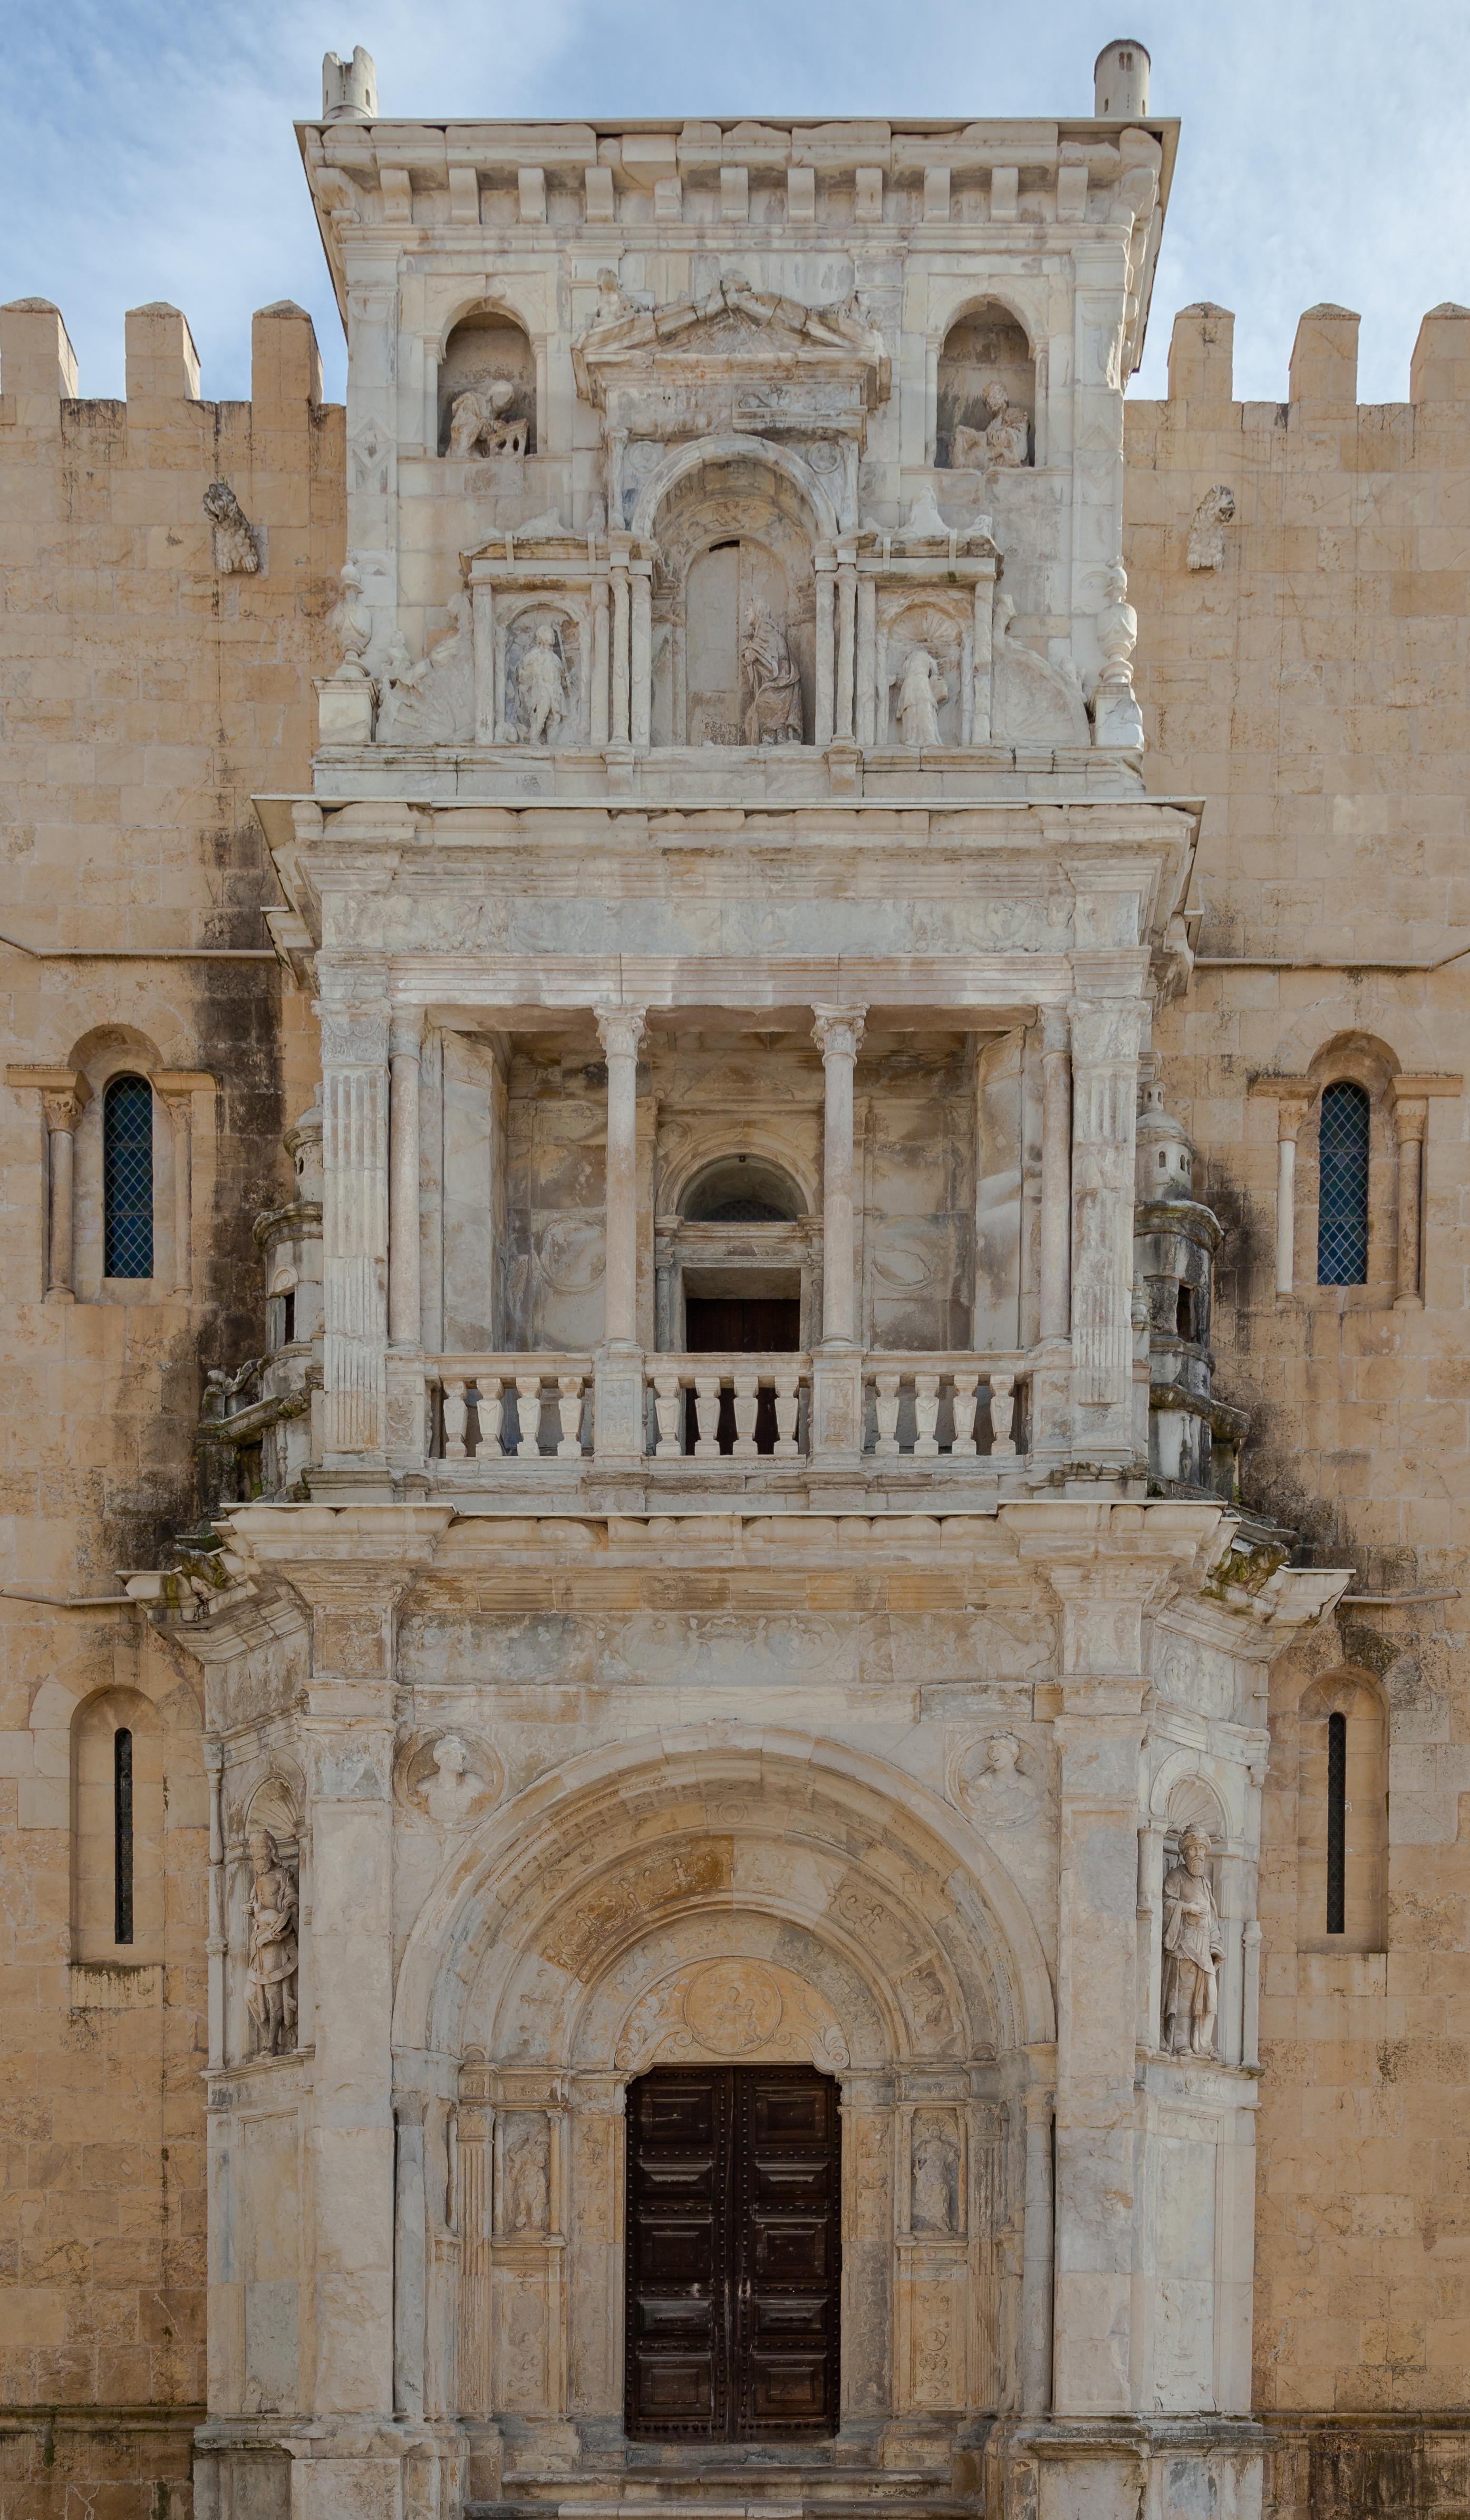 File:Catedral Vieja, Coímbra, Portugal, 2012-05-10, DD 02.JPG - Wikimedia Com...